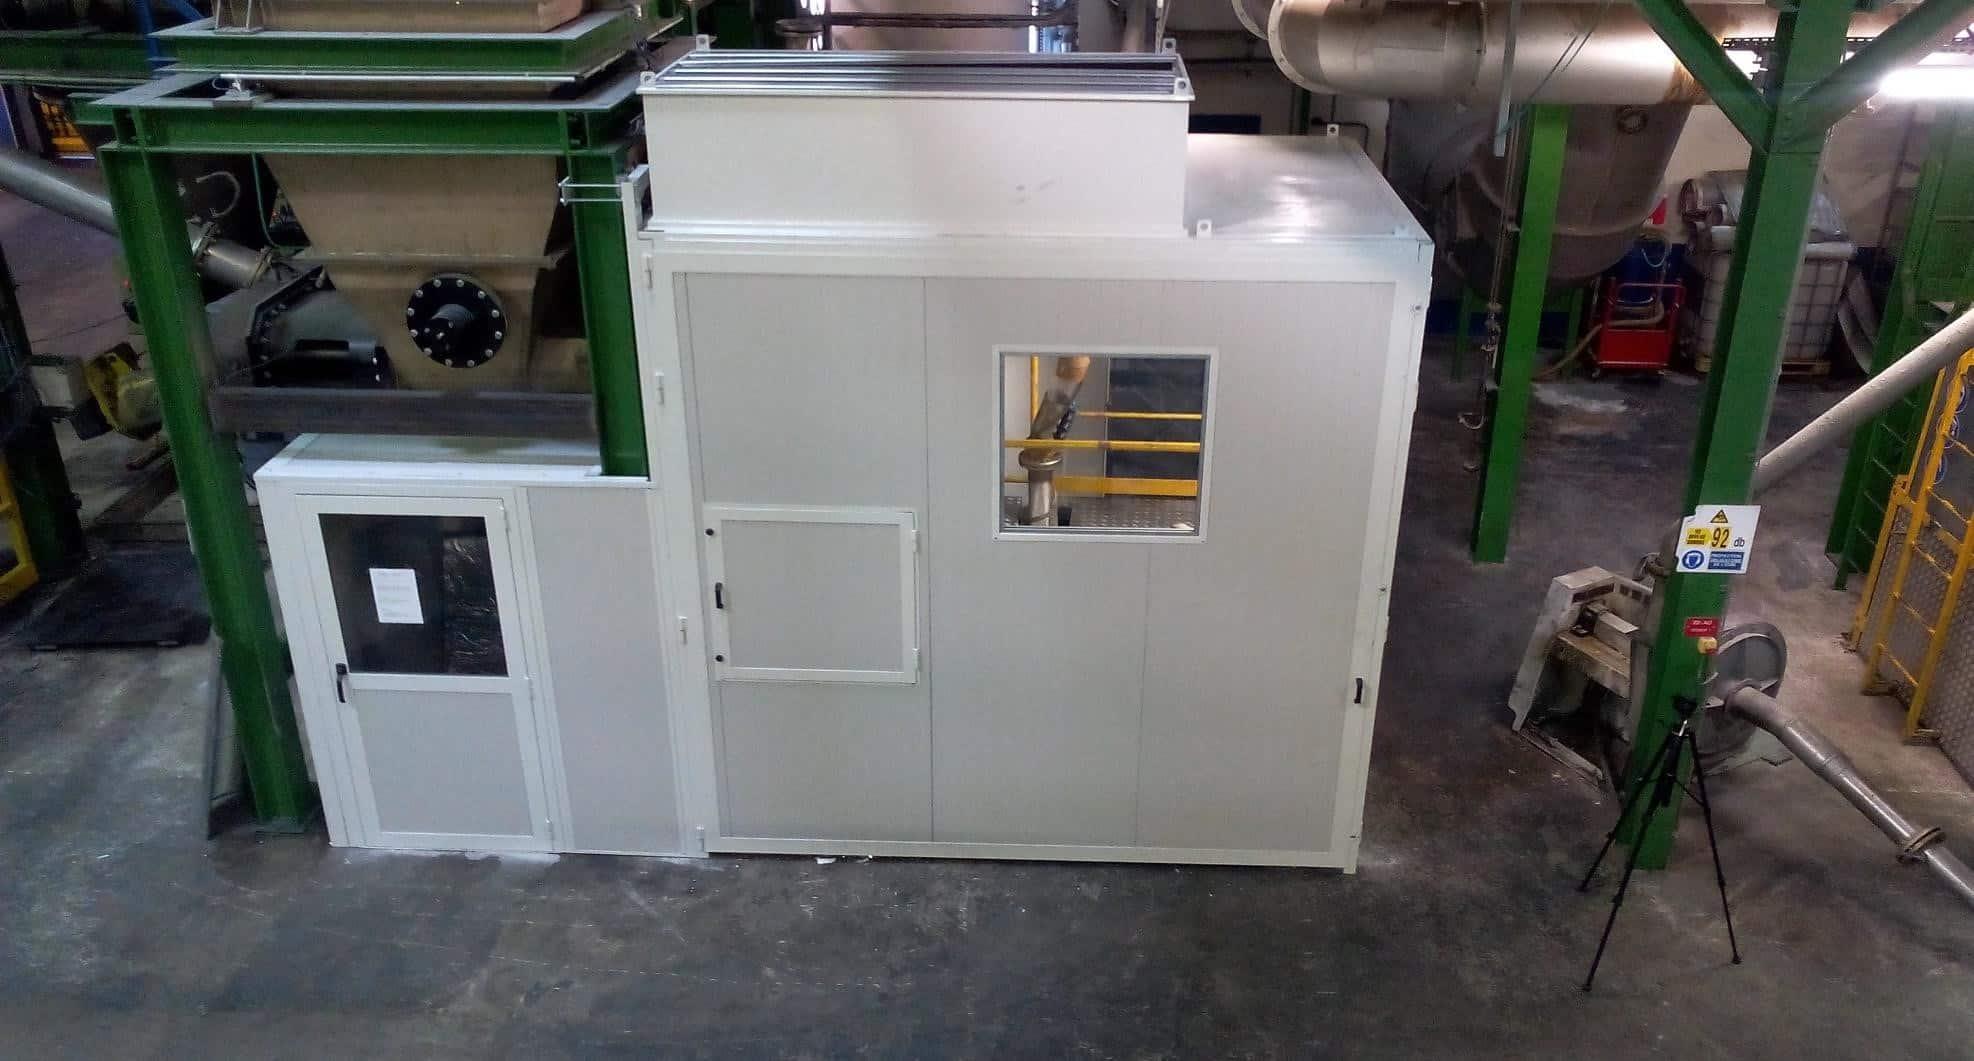 Exemple de capotage de grandes dimensions sur une installation de broyage dans l'industrie chimique avec intégration de nombreux besoins d'accès et de ventilation